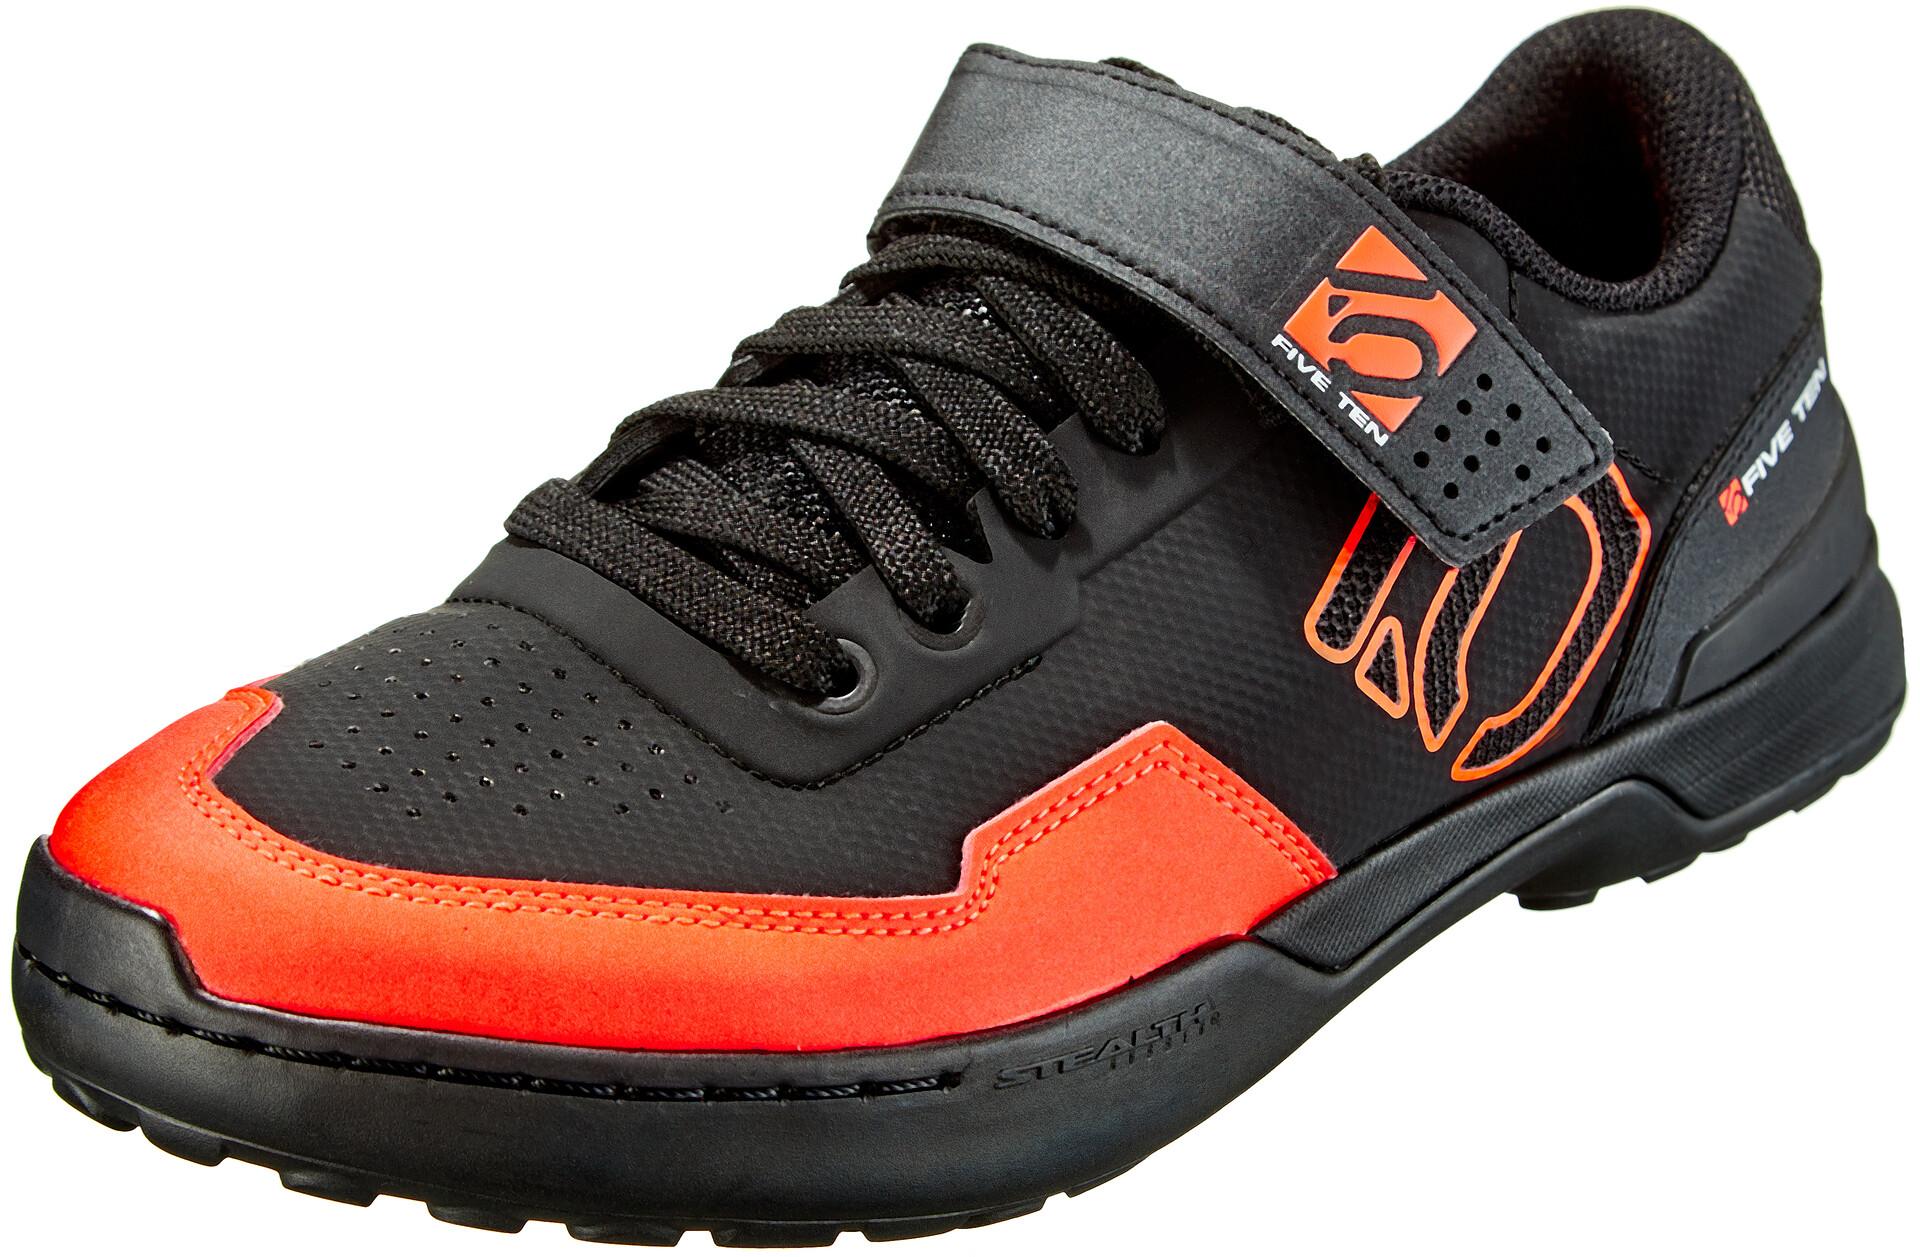 adidas Five Ten Kestrel Lace Chaussures pour VTT Homme, core blacksolar redgrey two